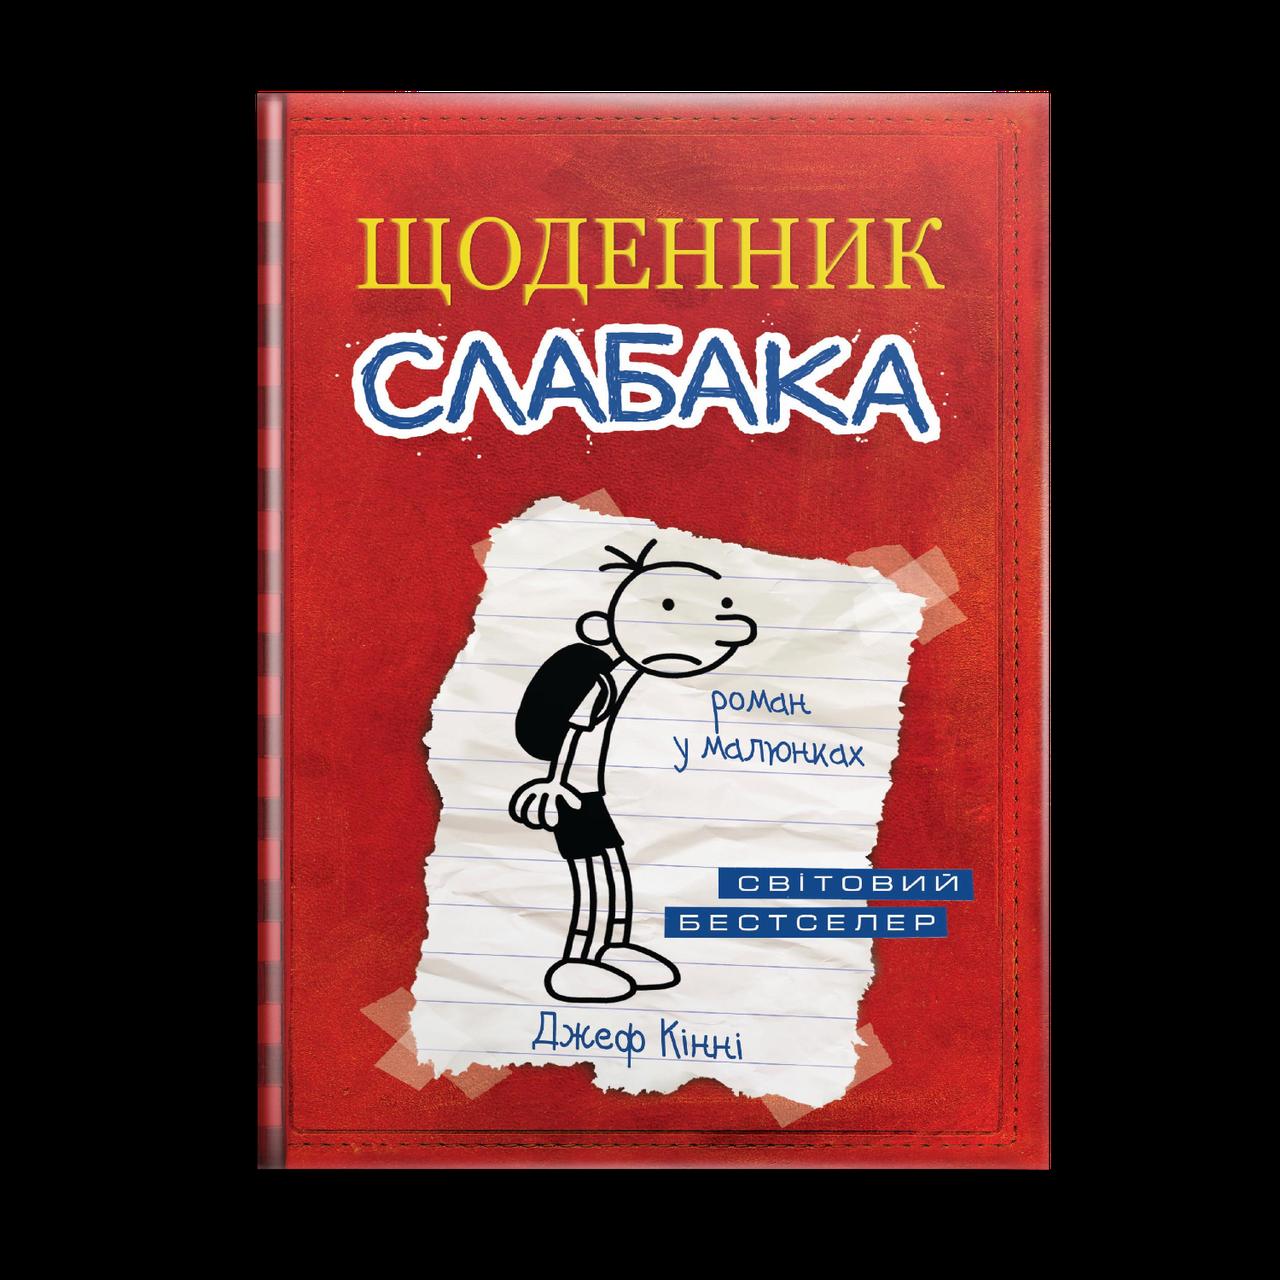 Щоденник слабака. Книга 1